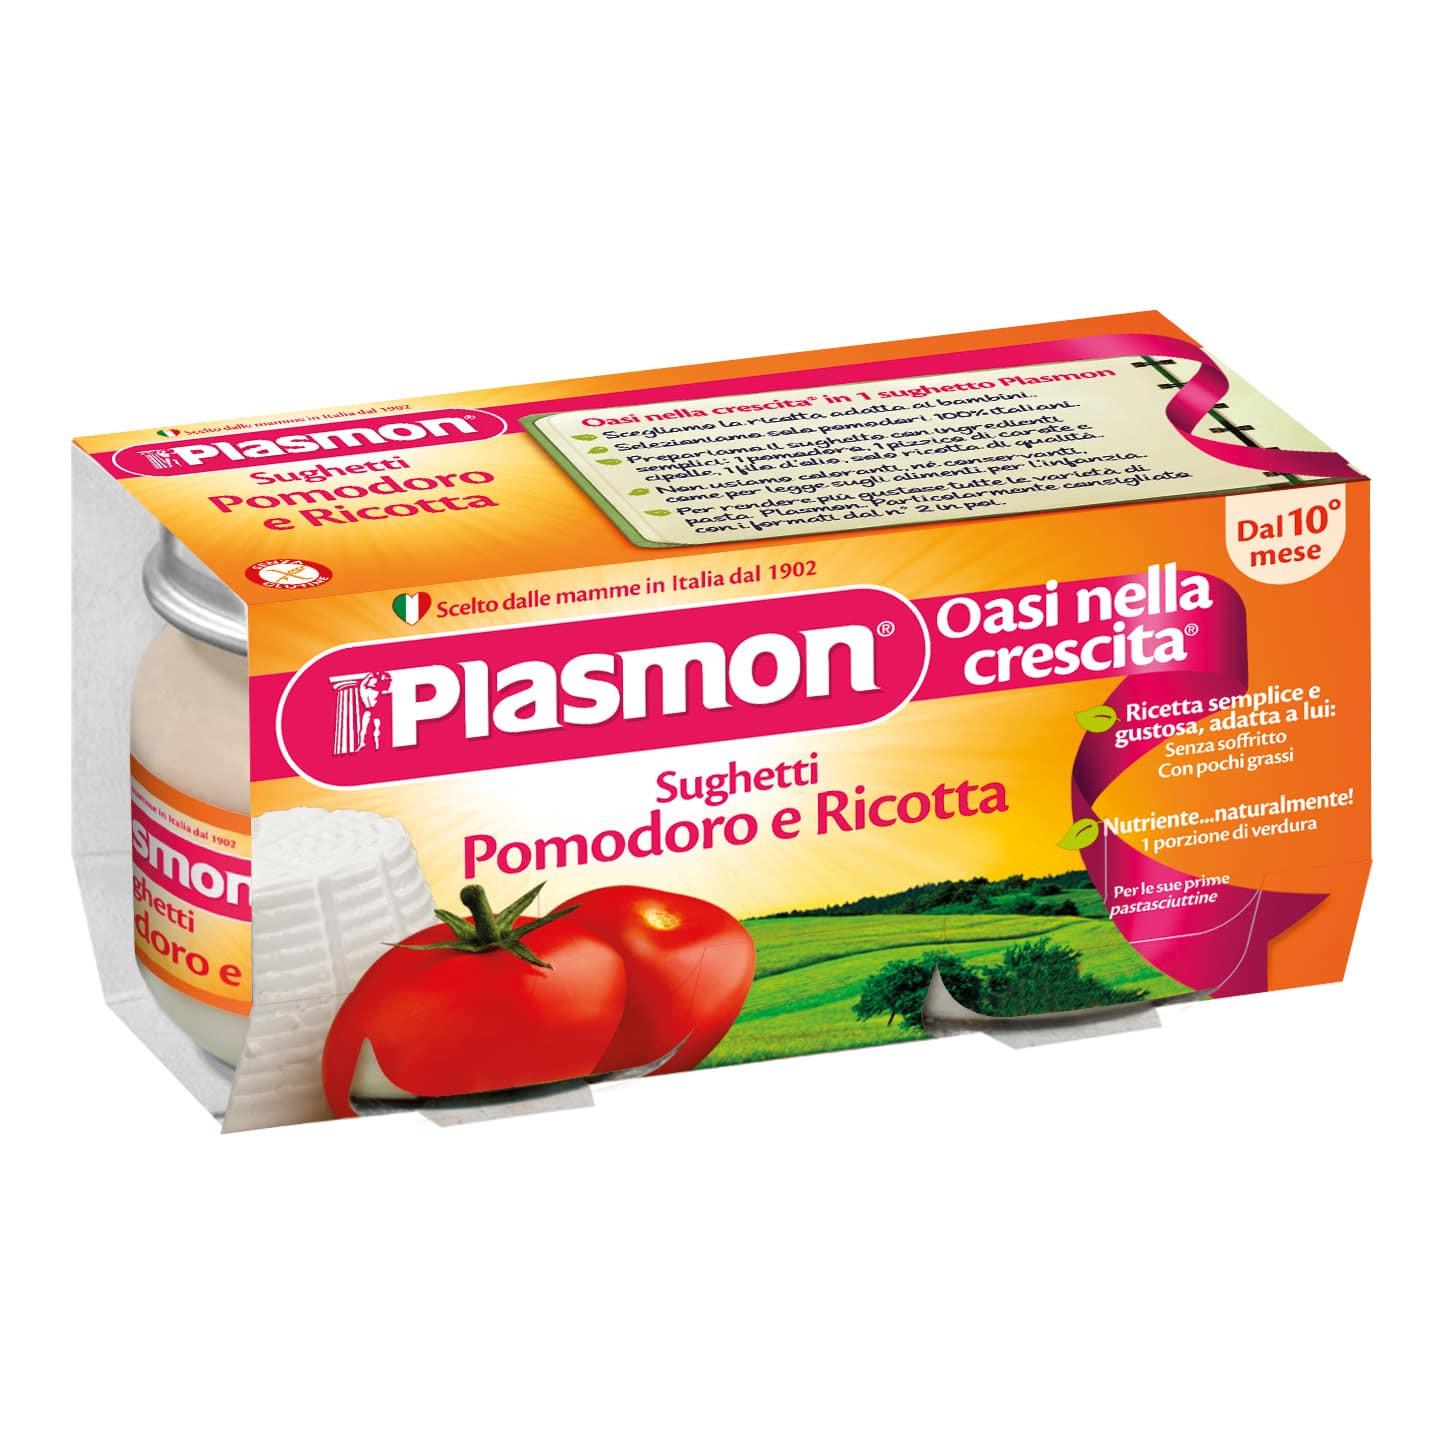 Sughetto al Pomodoro e Ricotta Plasmon